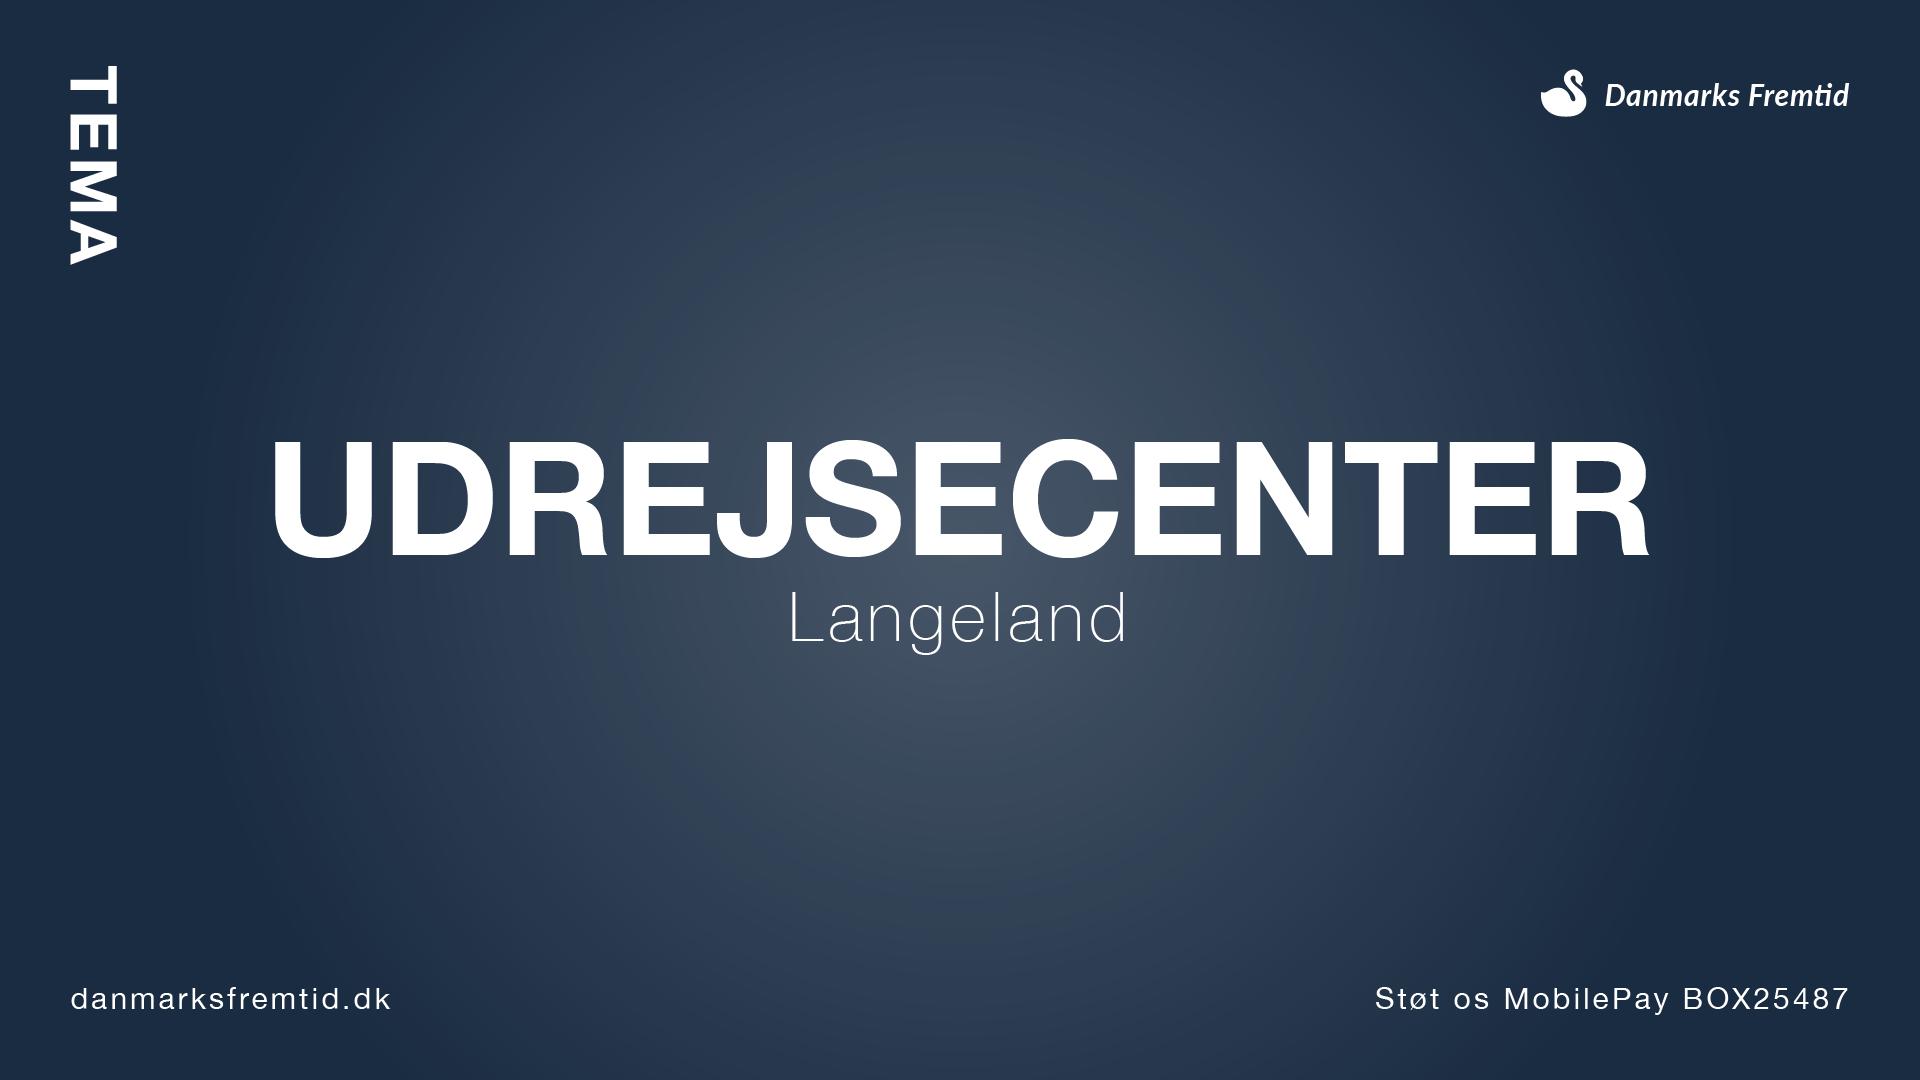 Tema Udrejsecenter Langeland